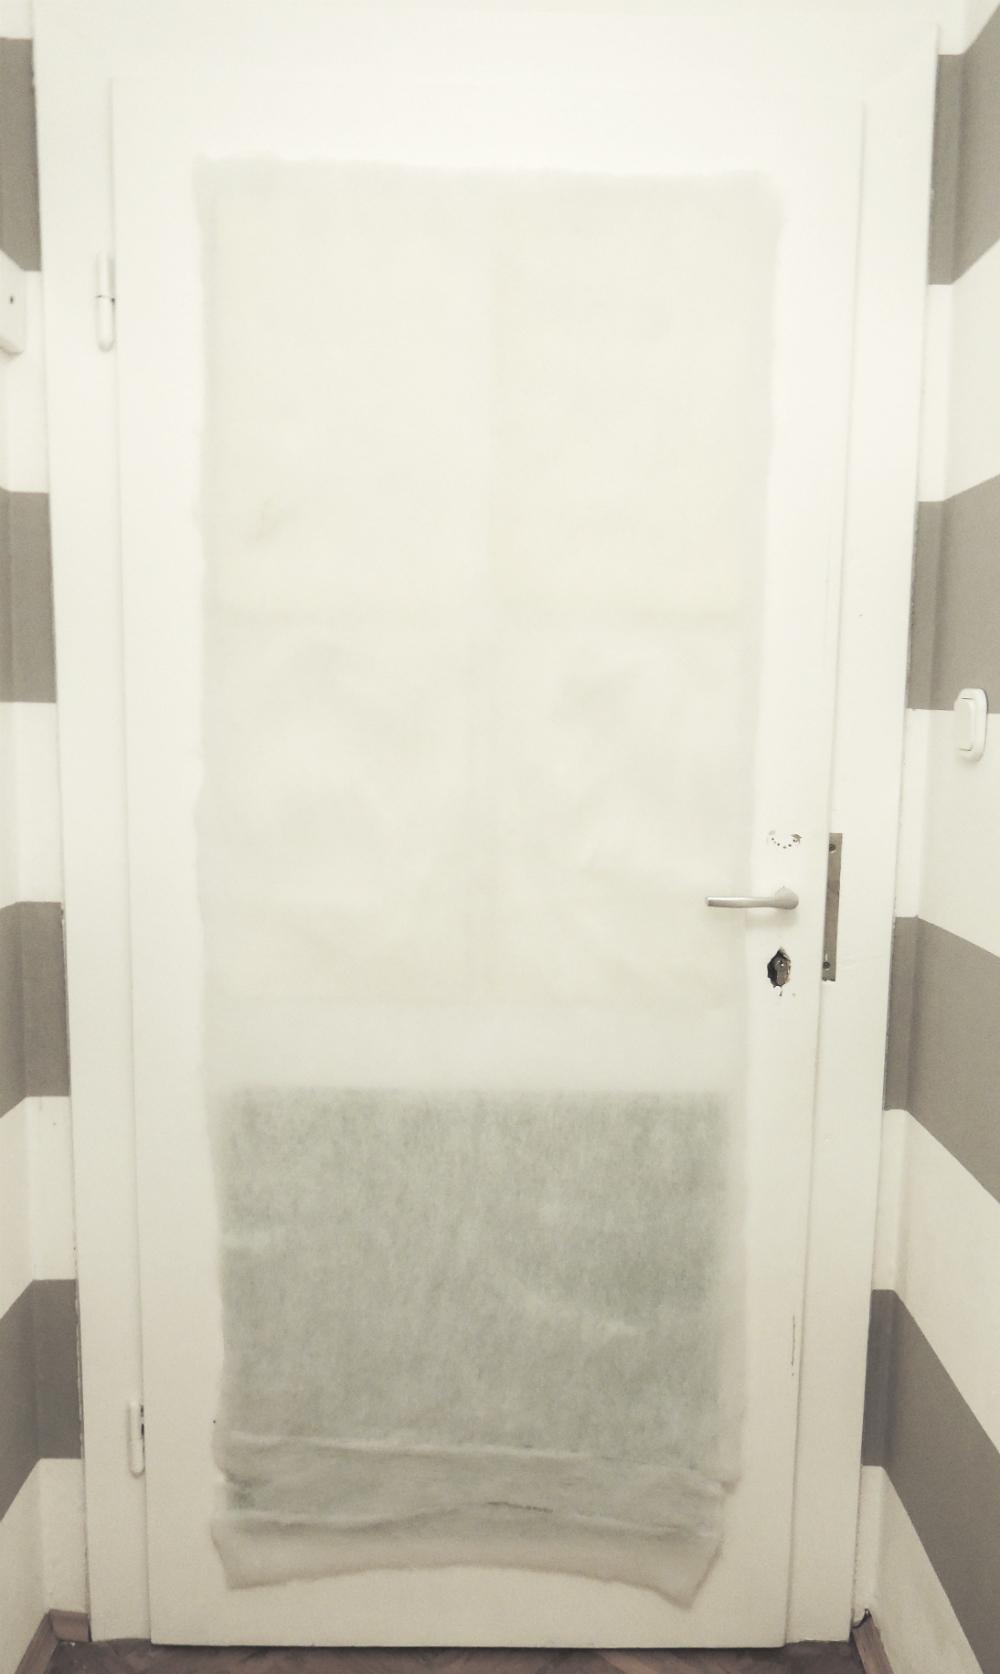 14 the door